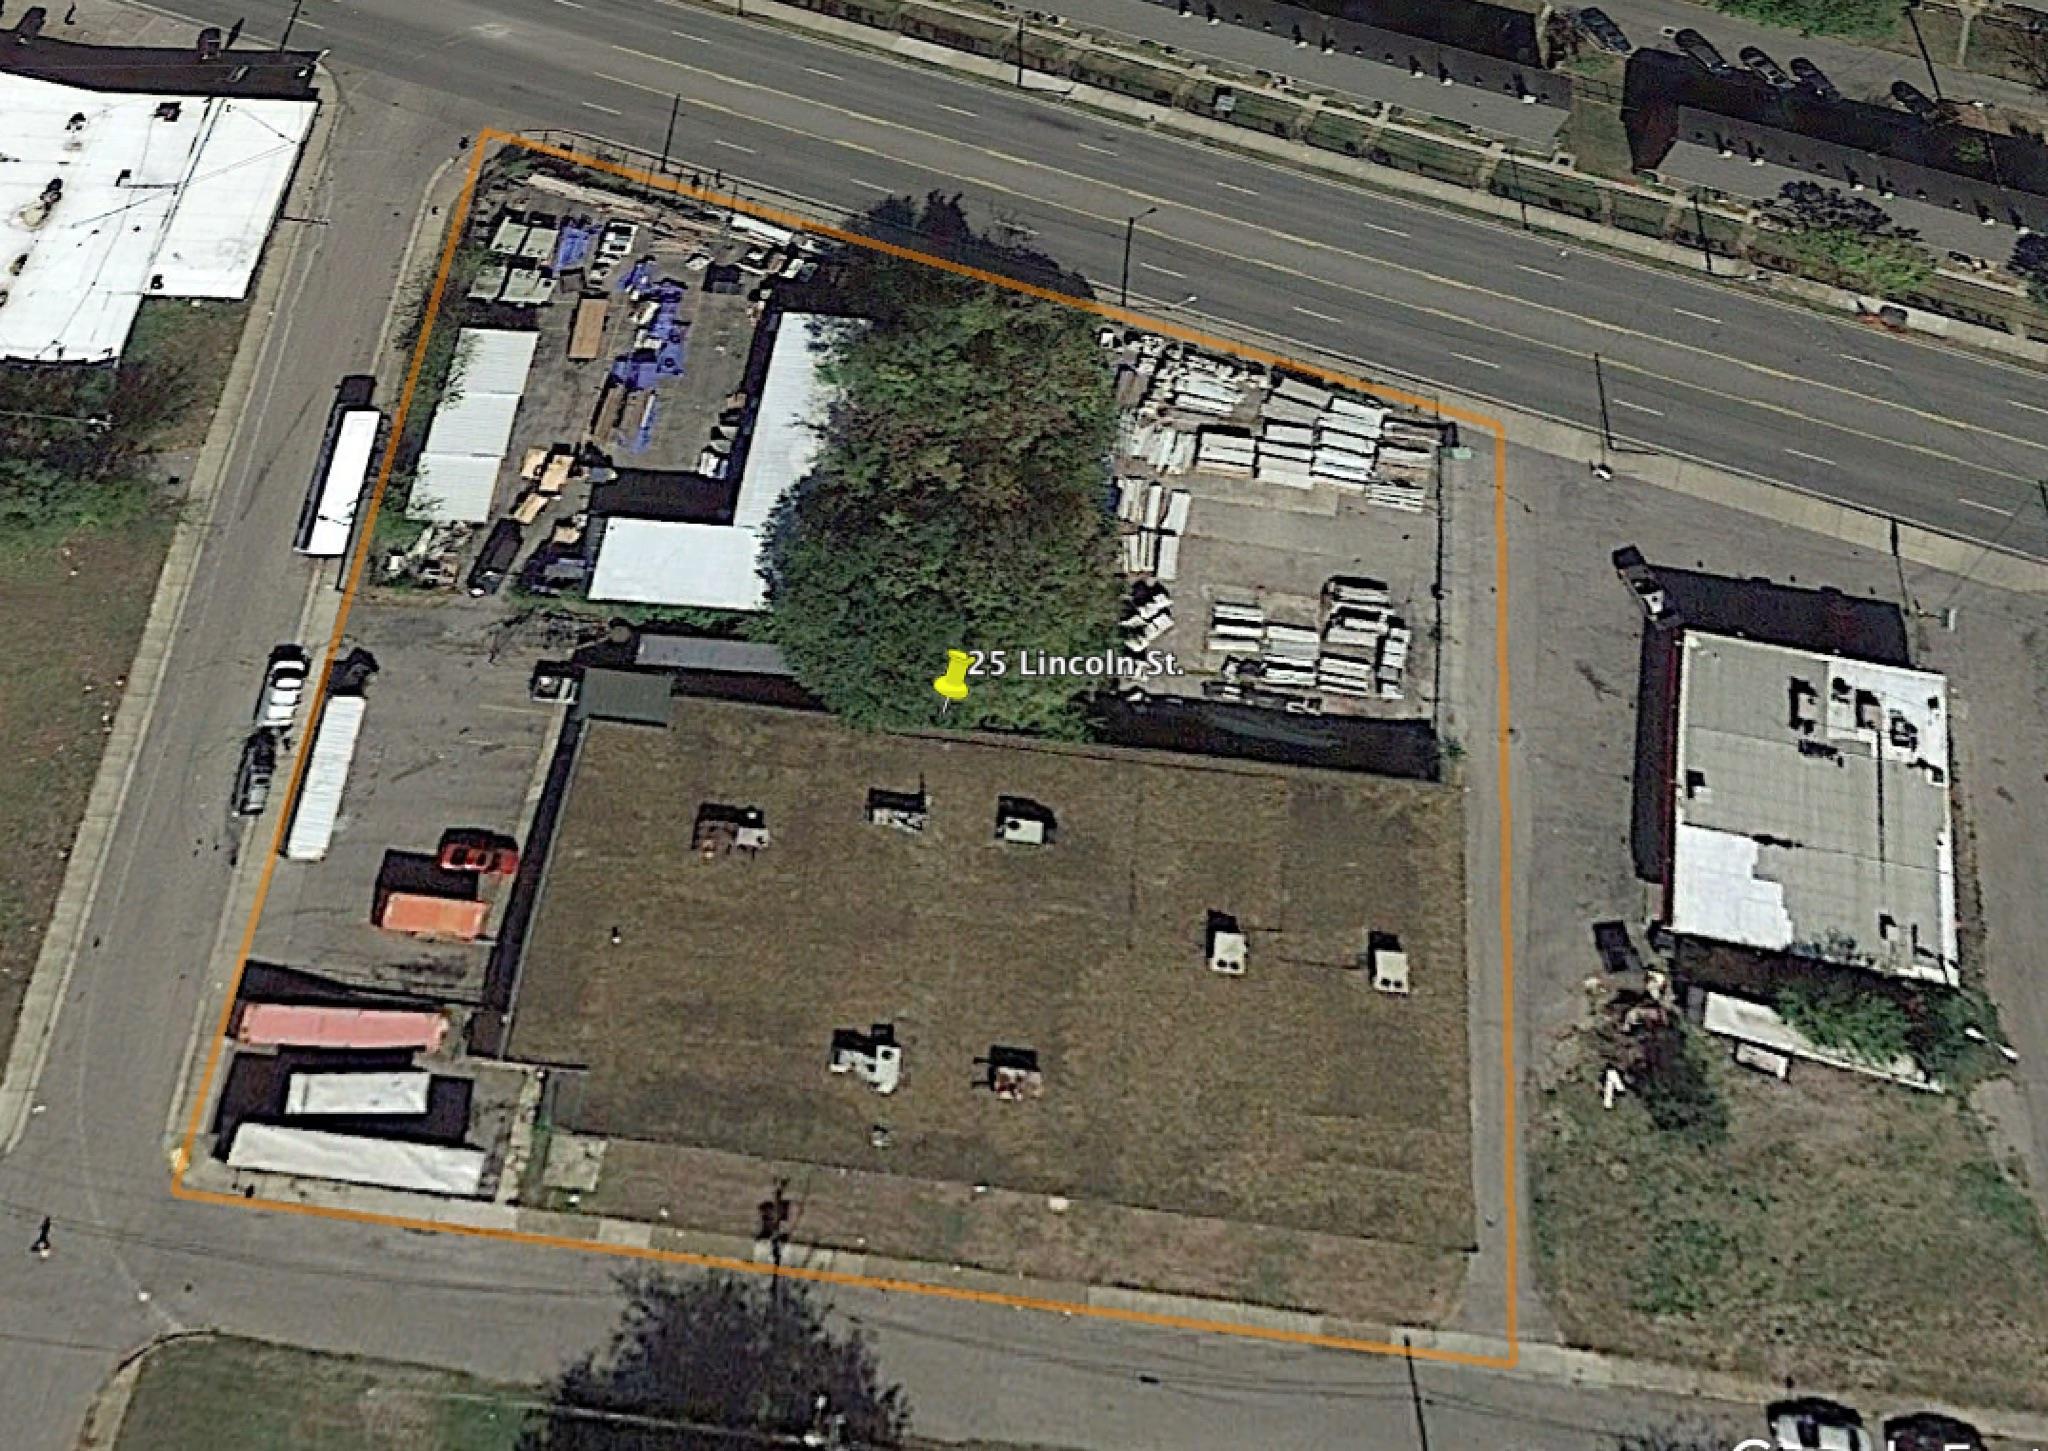 25 Lincoln St., Nashville, TN 37210